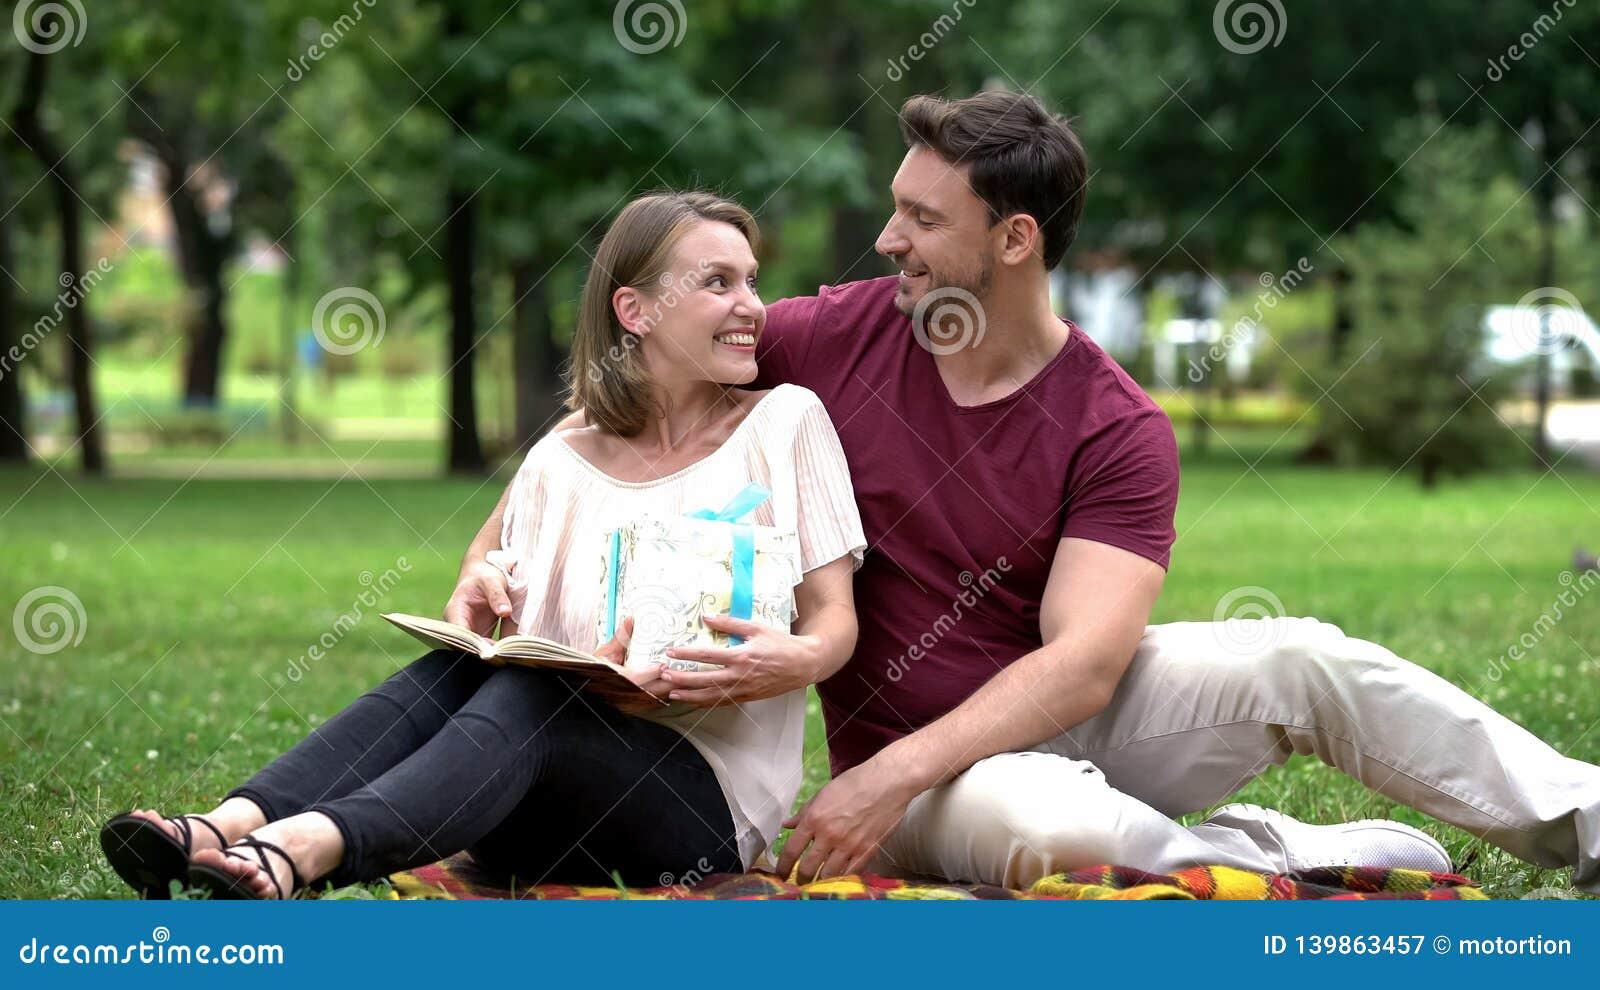 Αγαπώντας σύζυγος που δίνει το κιβώτιο δώρων στη σύζυγο, παρούσα για κανέναν λόγο, αληθινή αγάπη